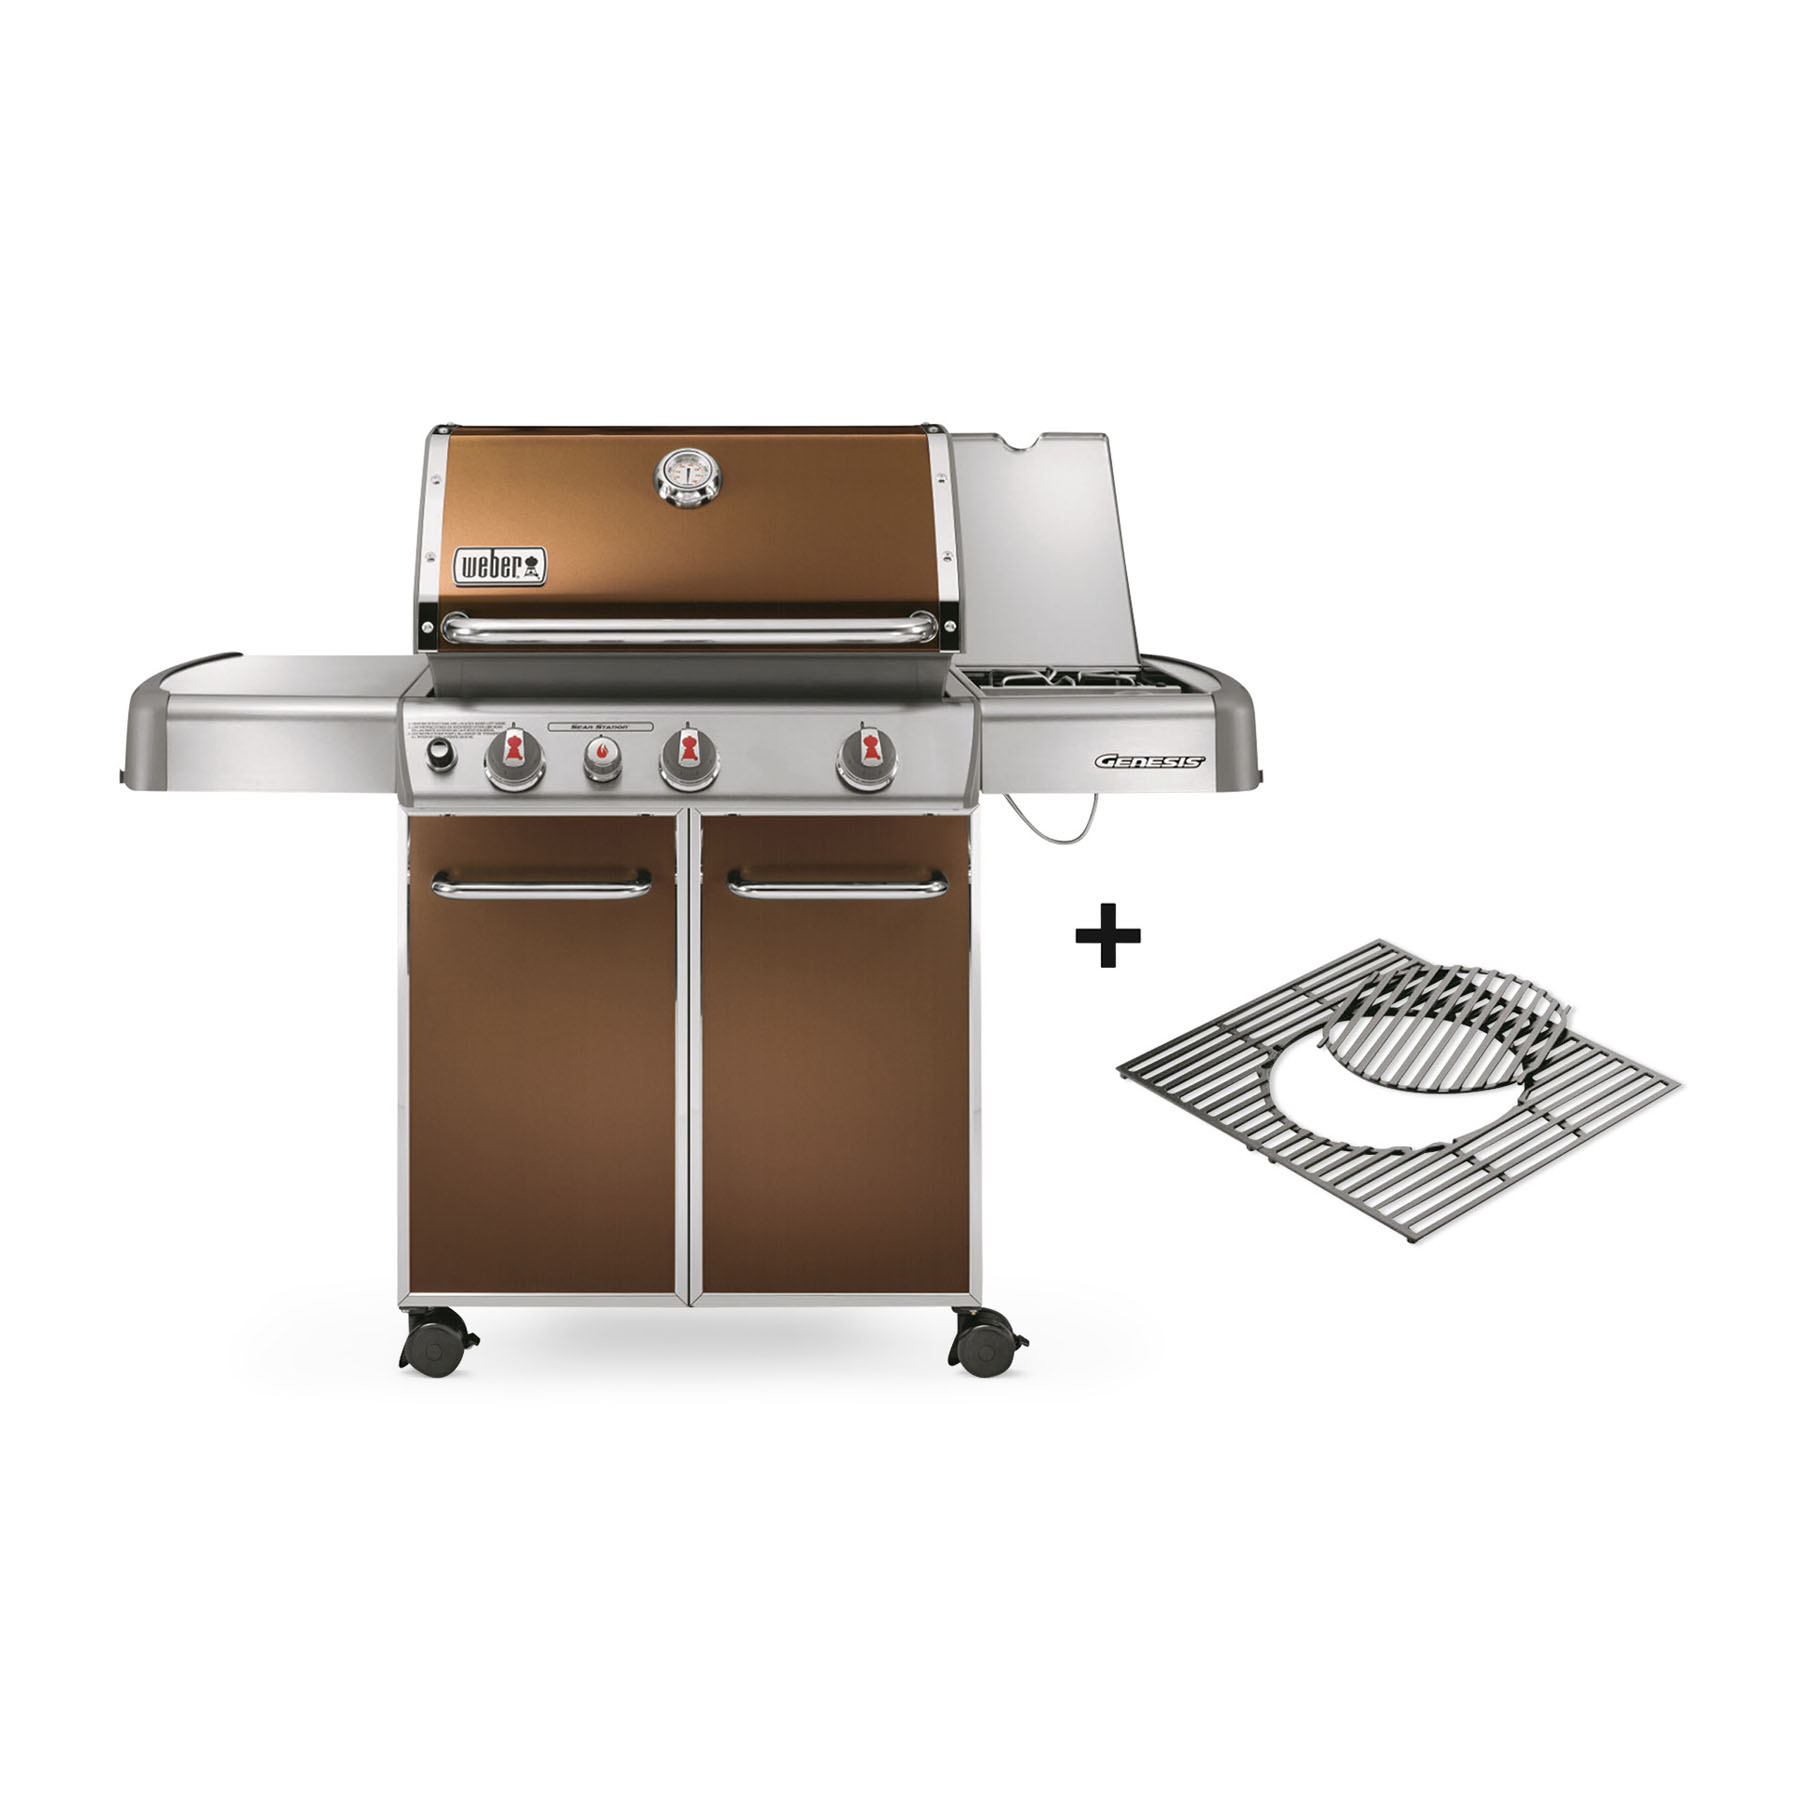 weber q 2200 station griller black line weber grill original. Black Bedroom Furniture Sets. Home Design Ideas